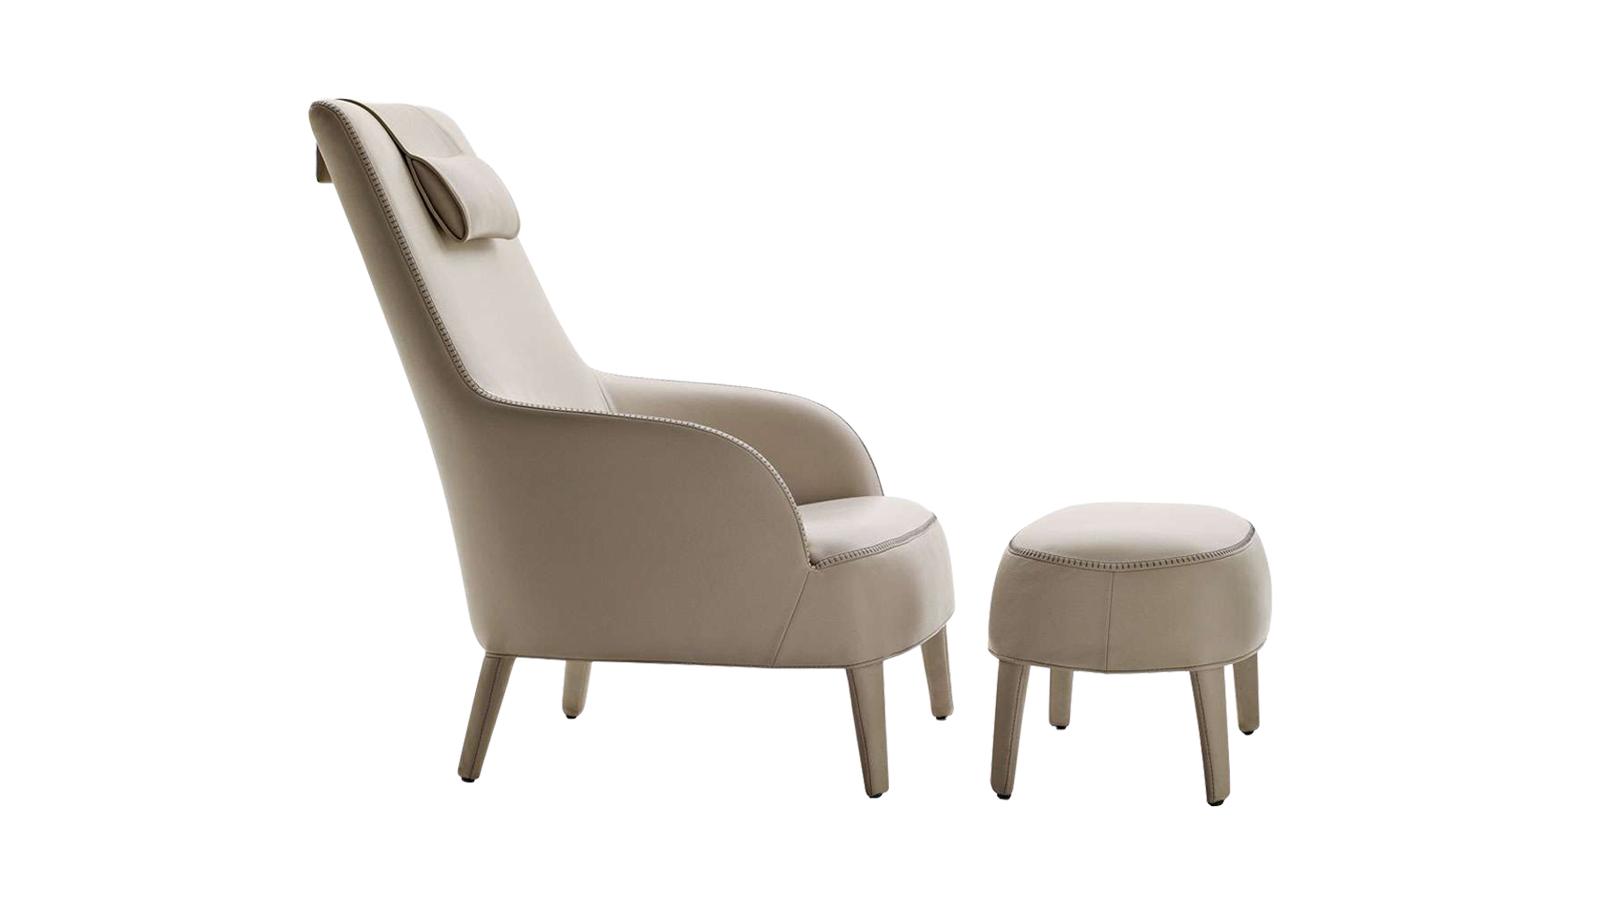 A Febo bútorcsaládba székek, puffok és kanapék széles választéka tartozik. Foteljei, melyek eltérnek egymástól háttámlájukban, a klasszikus esztétikát idézik minimalista, modern csavarral. Barokkos elegancia, letisztult stílus és maximális minőség jellemzi őket.